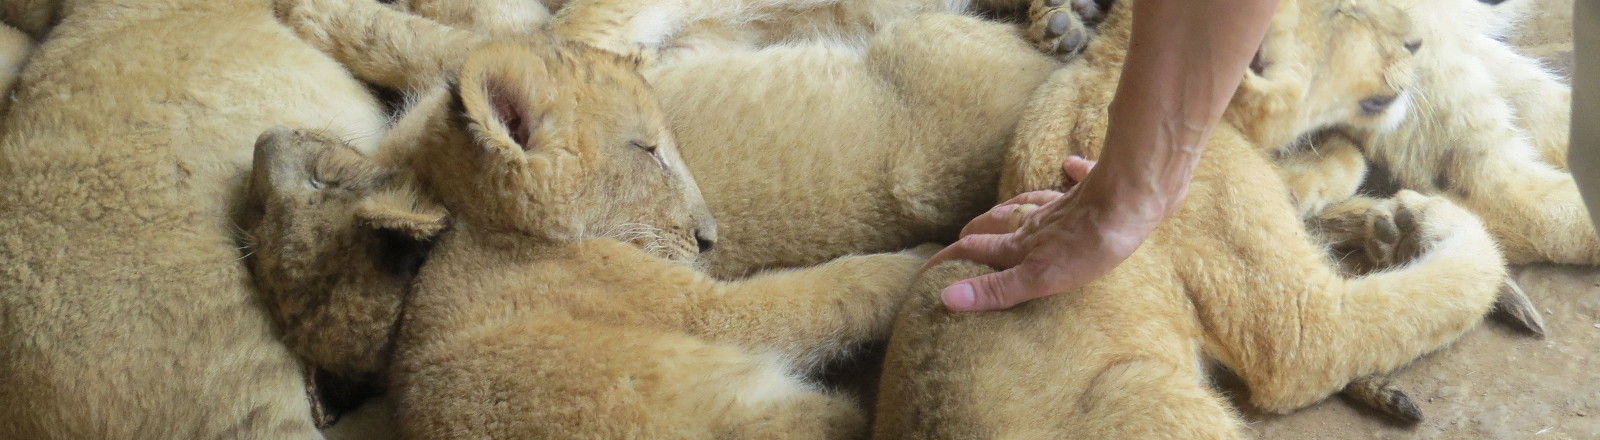 Eine Frau streichelt Löwenbabys in einem Gehege in Südafrika.